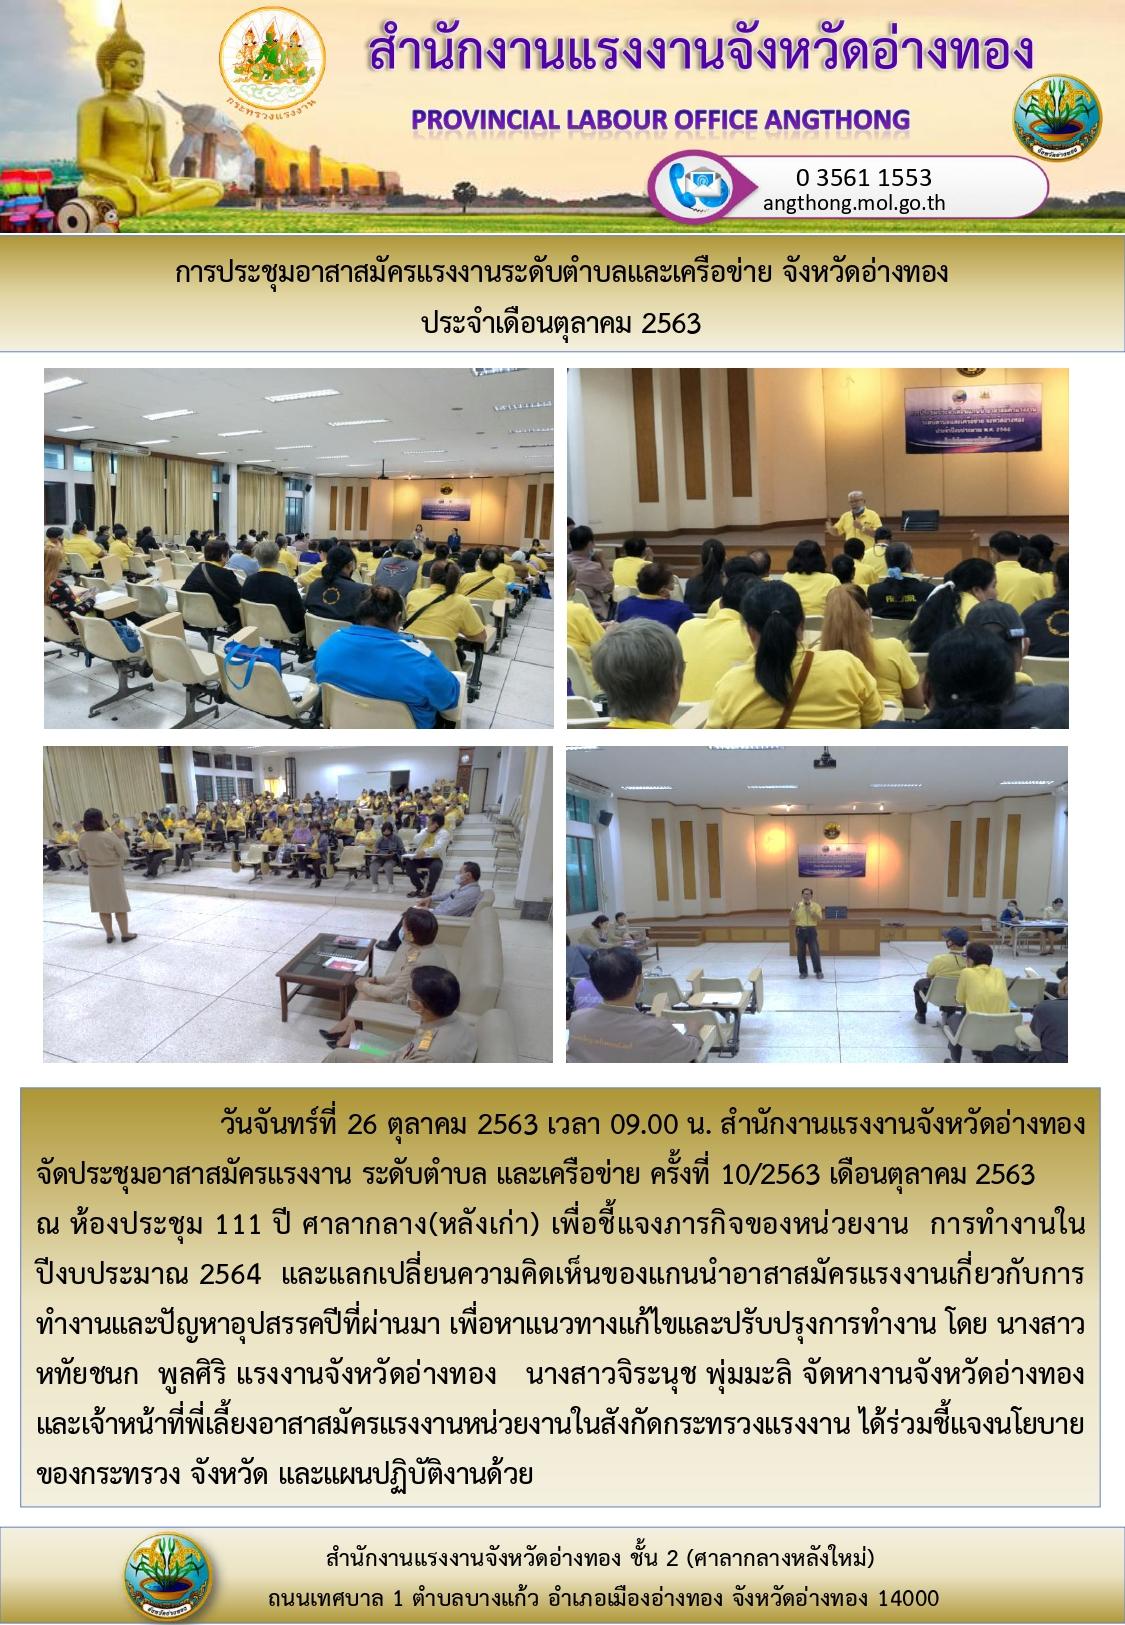 ประชุมอาสาสมัครแรงงานระดับตำบลและเครือข่ายจังหวัดอ่างทองประจำเดือนตุลาคม 2563